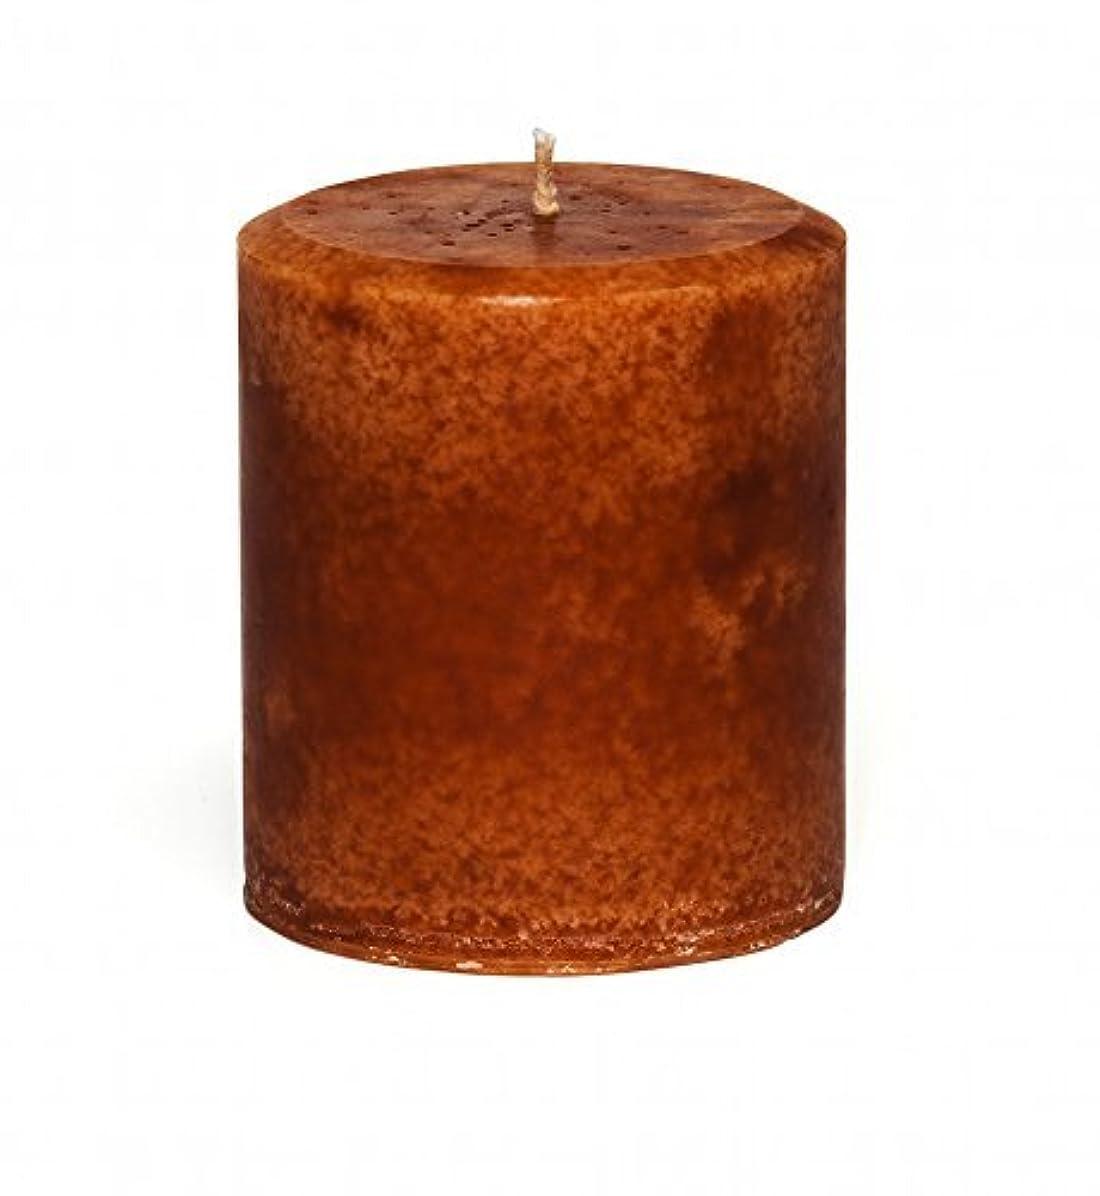 討論抵抗尾Jensanシナモンオレンジ香りつき装飾Pillar Candle、ハンドメイド – 装飾 – 強力な香り